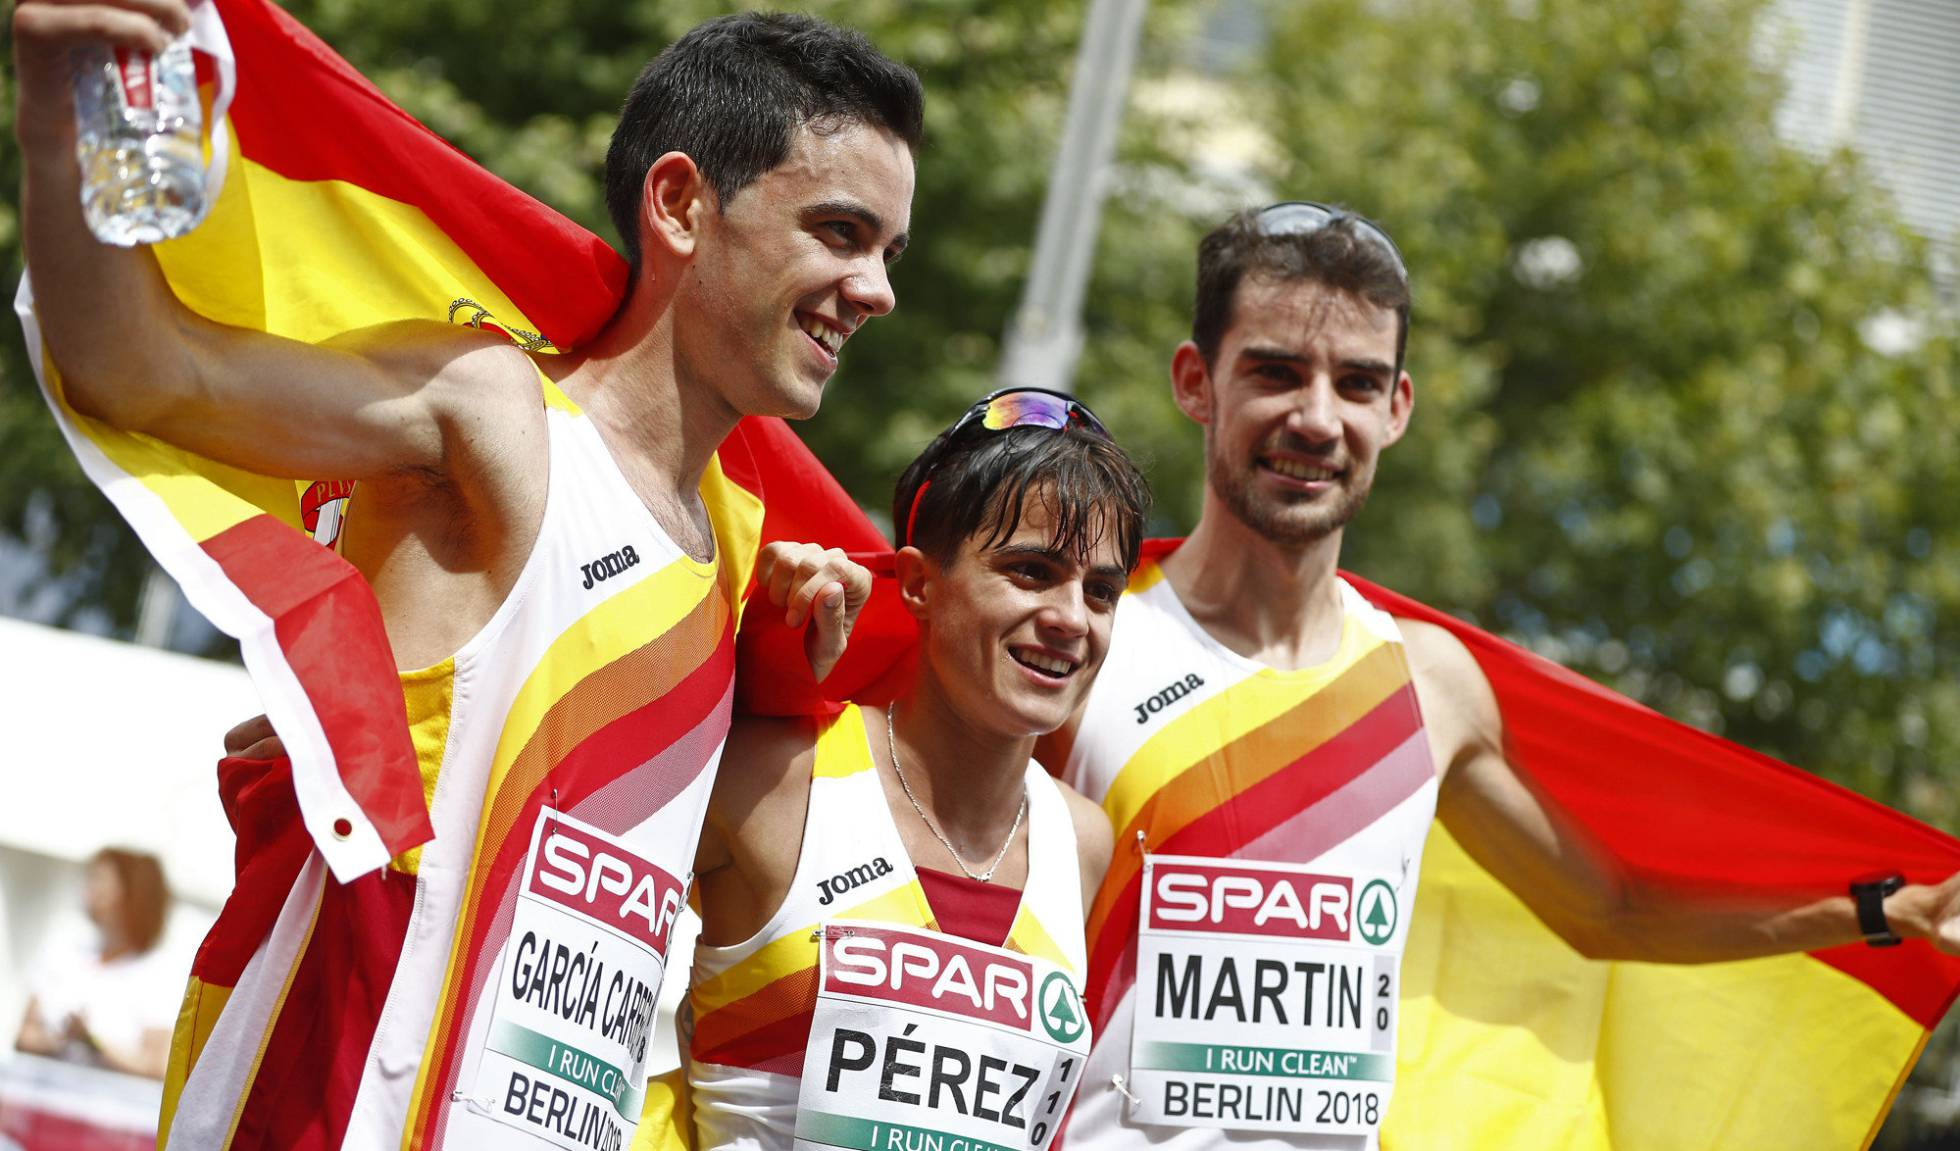 El atletismo español ha triunfado en el último Campeonato Europeo. Fuente El País